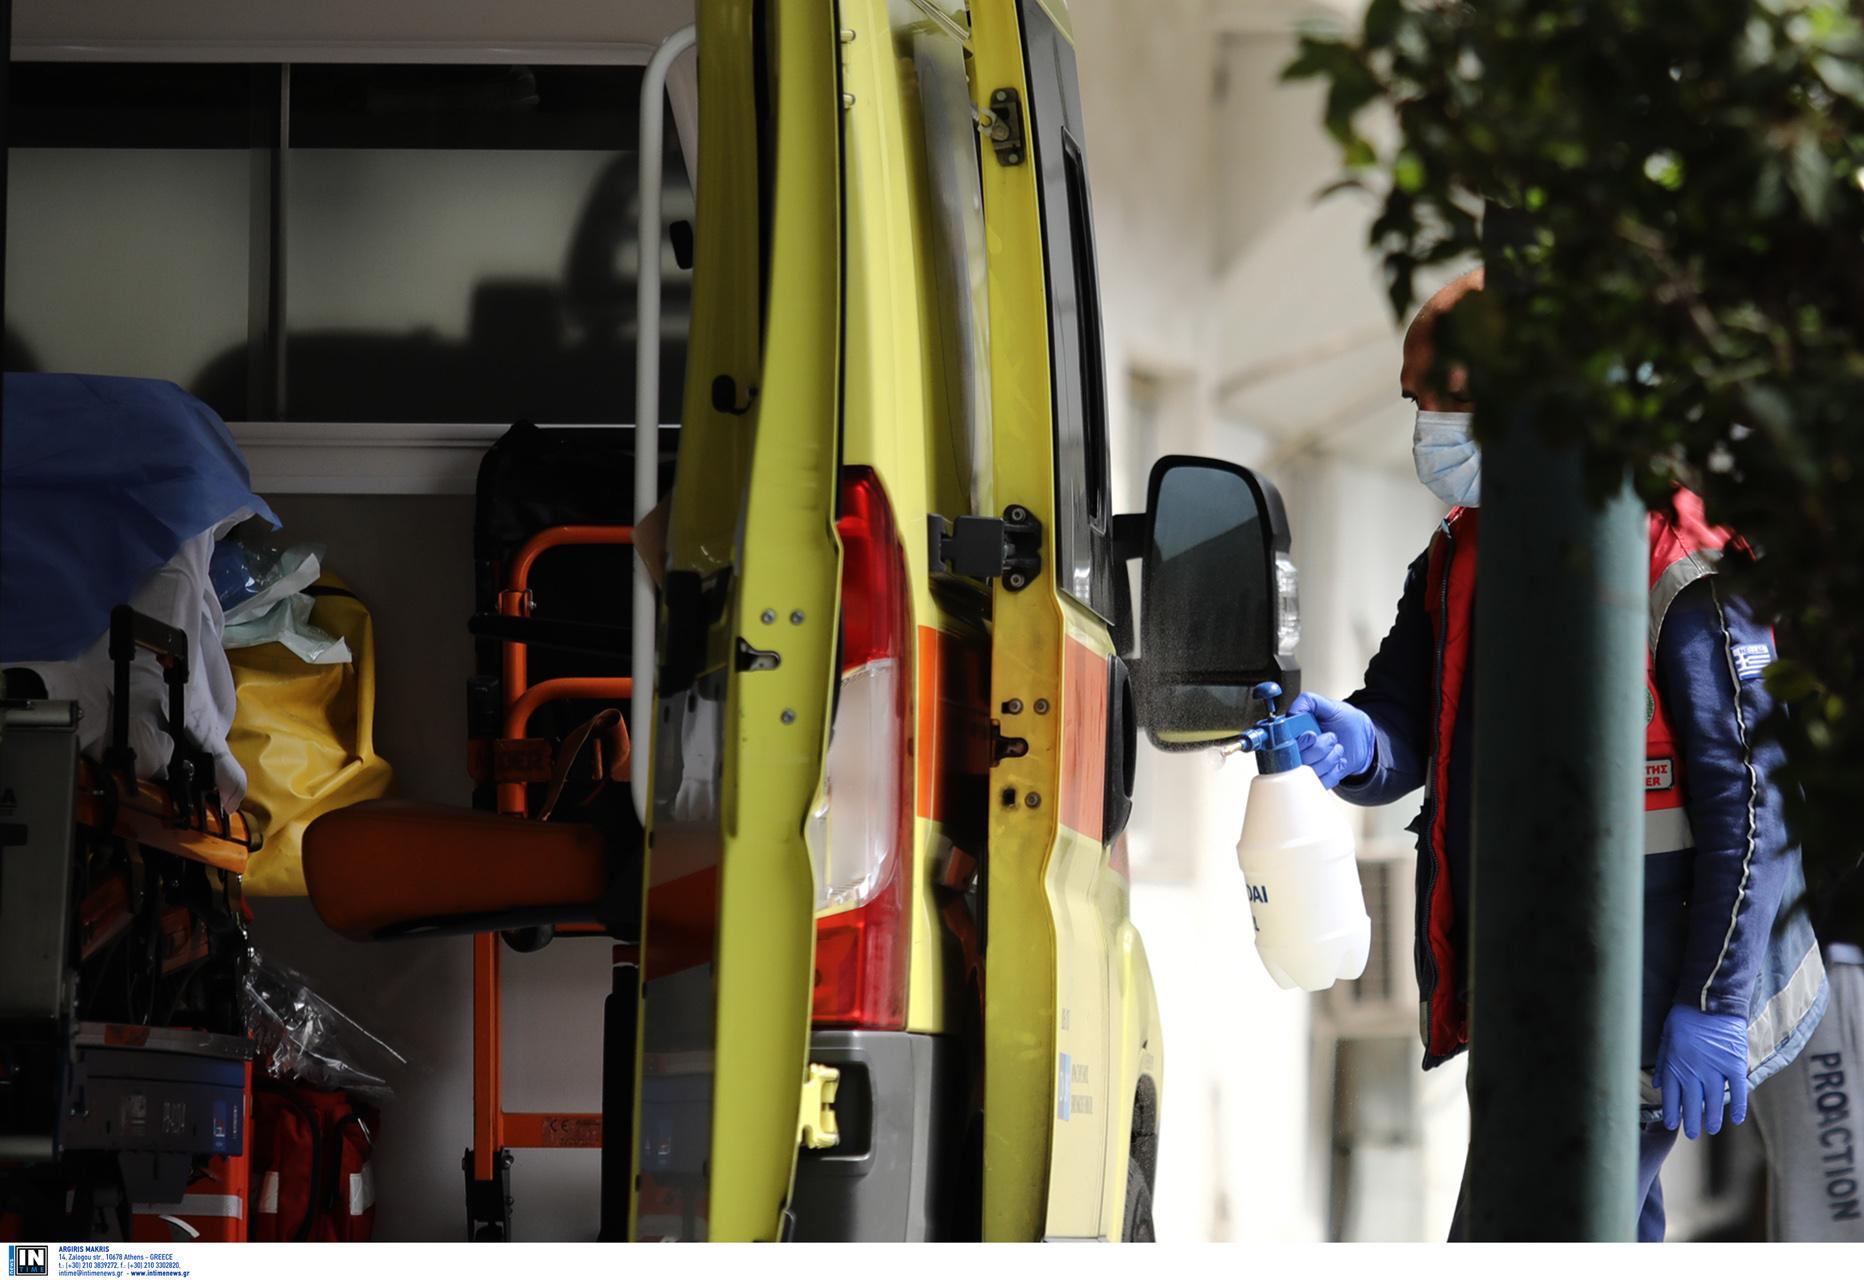 Ευρυτανία: Τραγικό τέλος! Έπεσε με το αυτοκίνητο σε χαράδρα και σκοτώθηκε